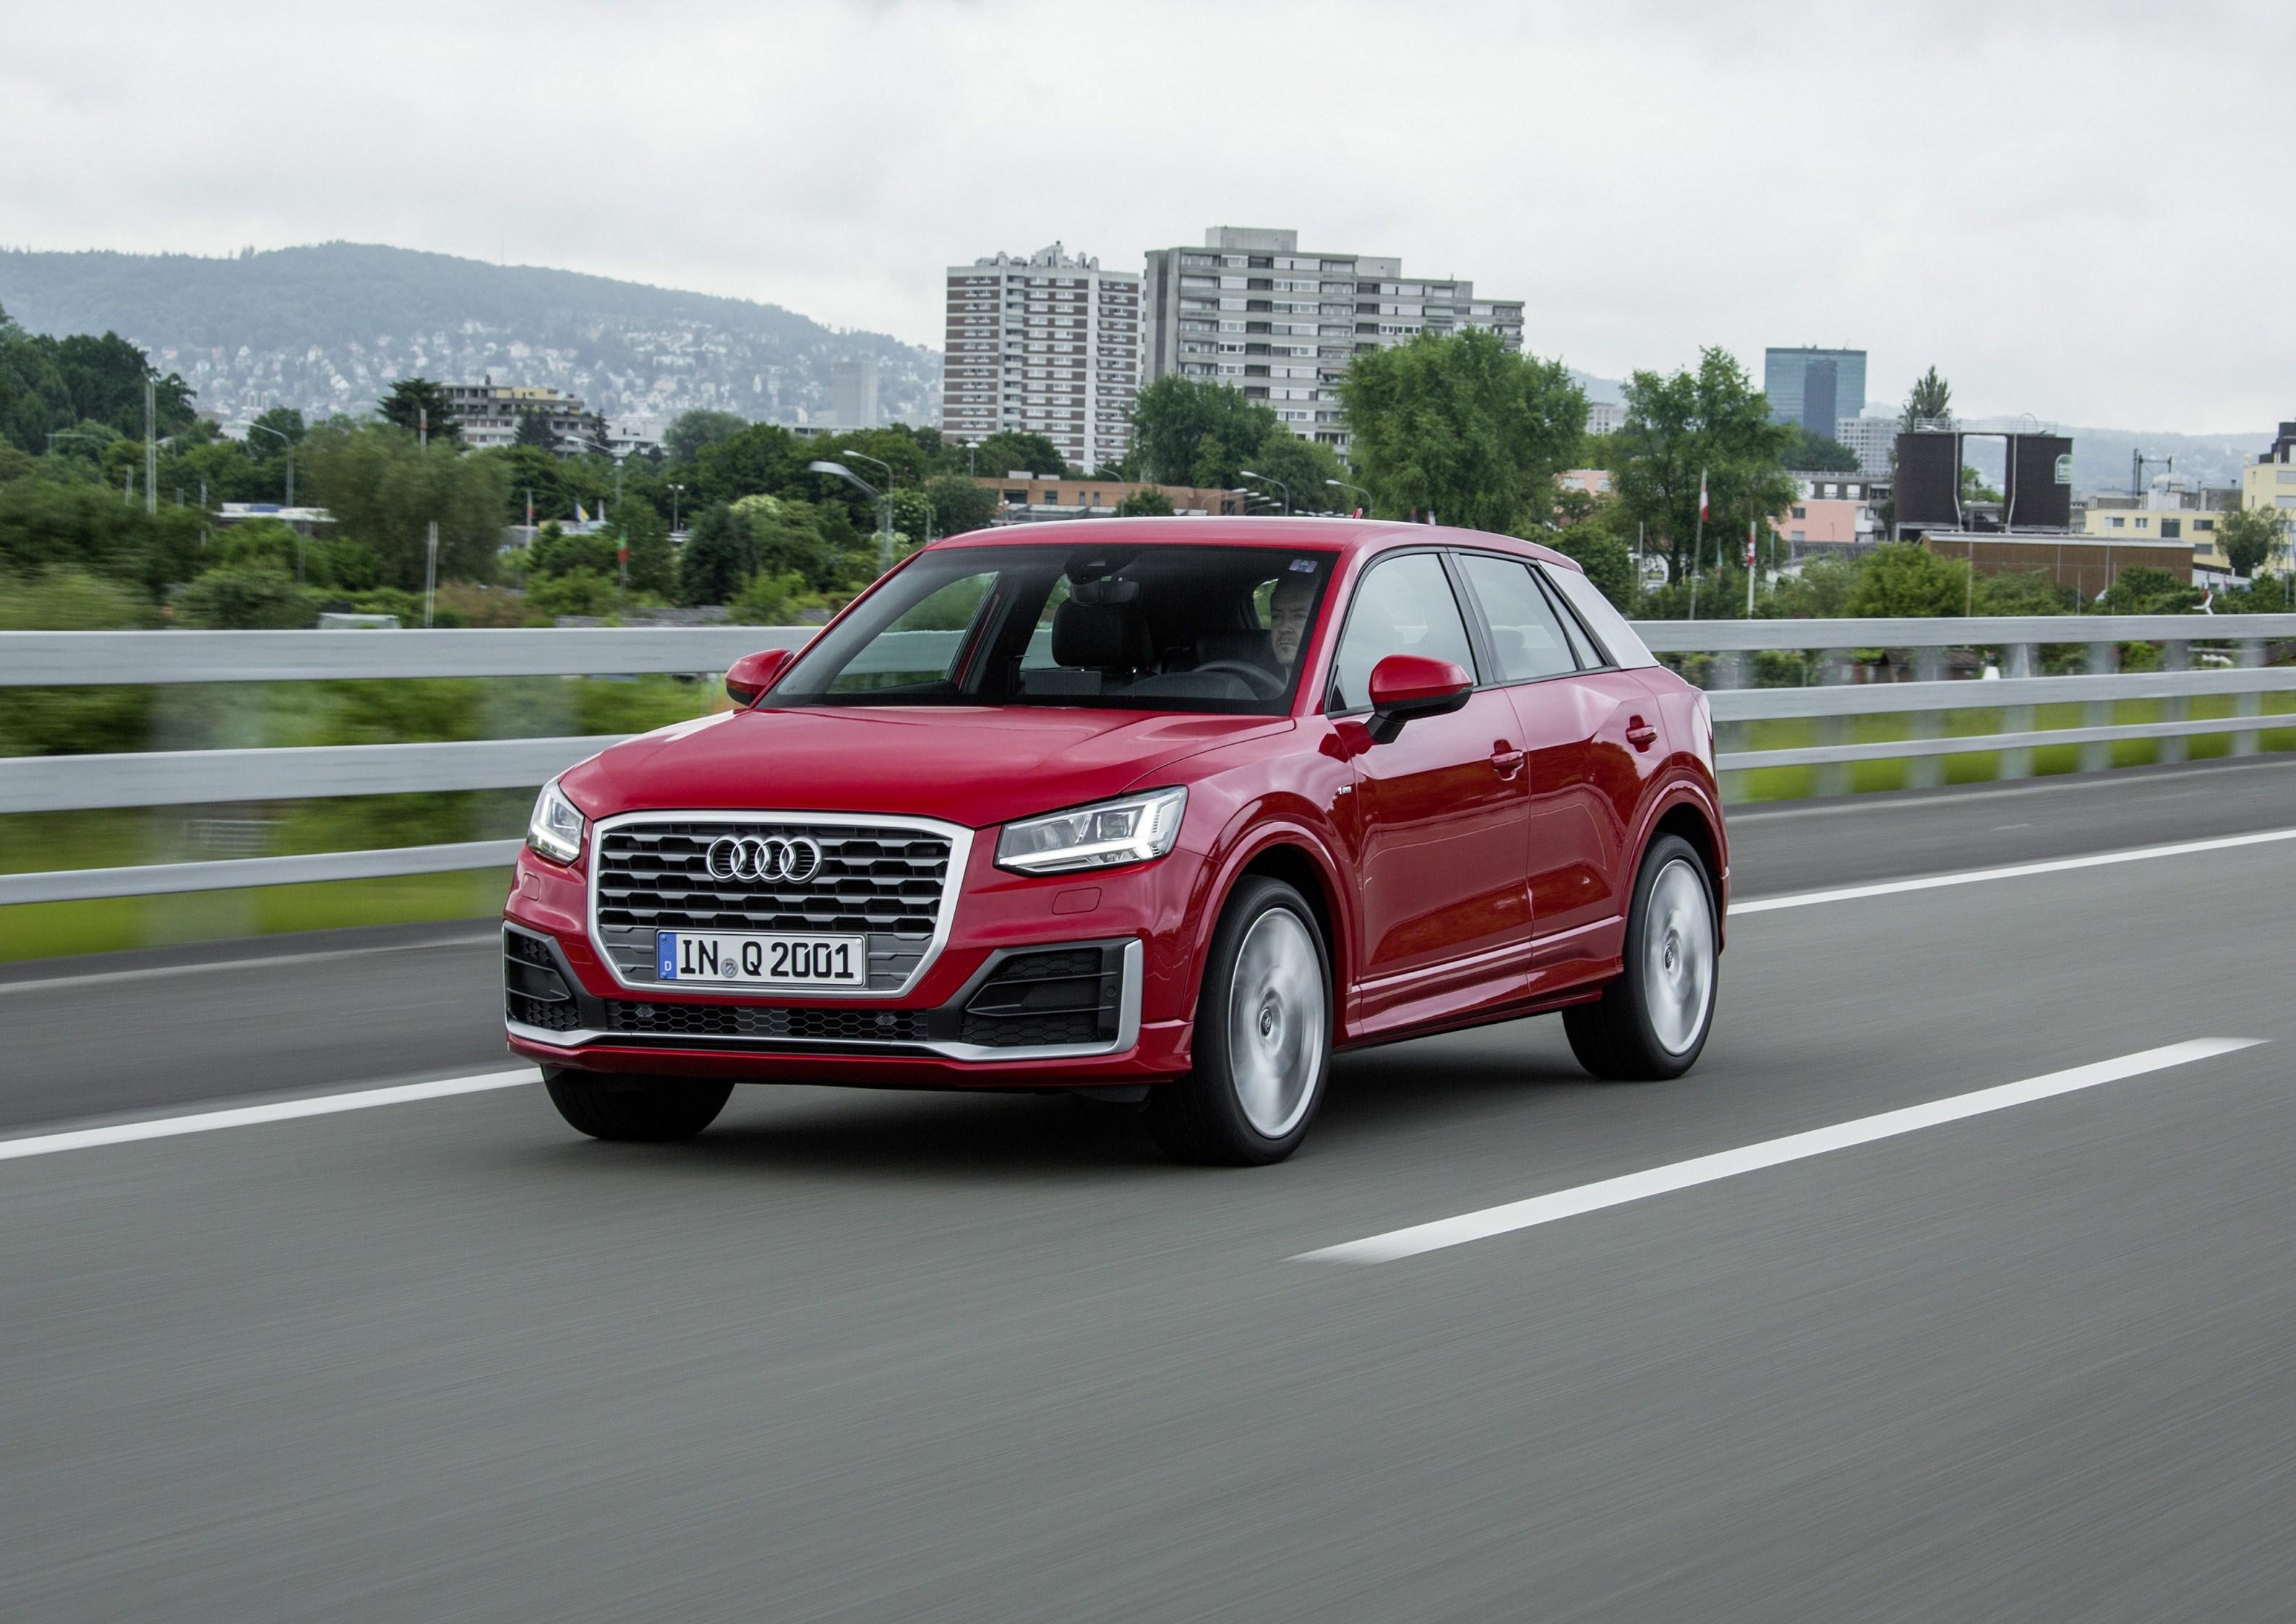 Οι νέες τιμές και εκδόσεις για τα μοντέλα της Audi